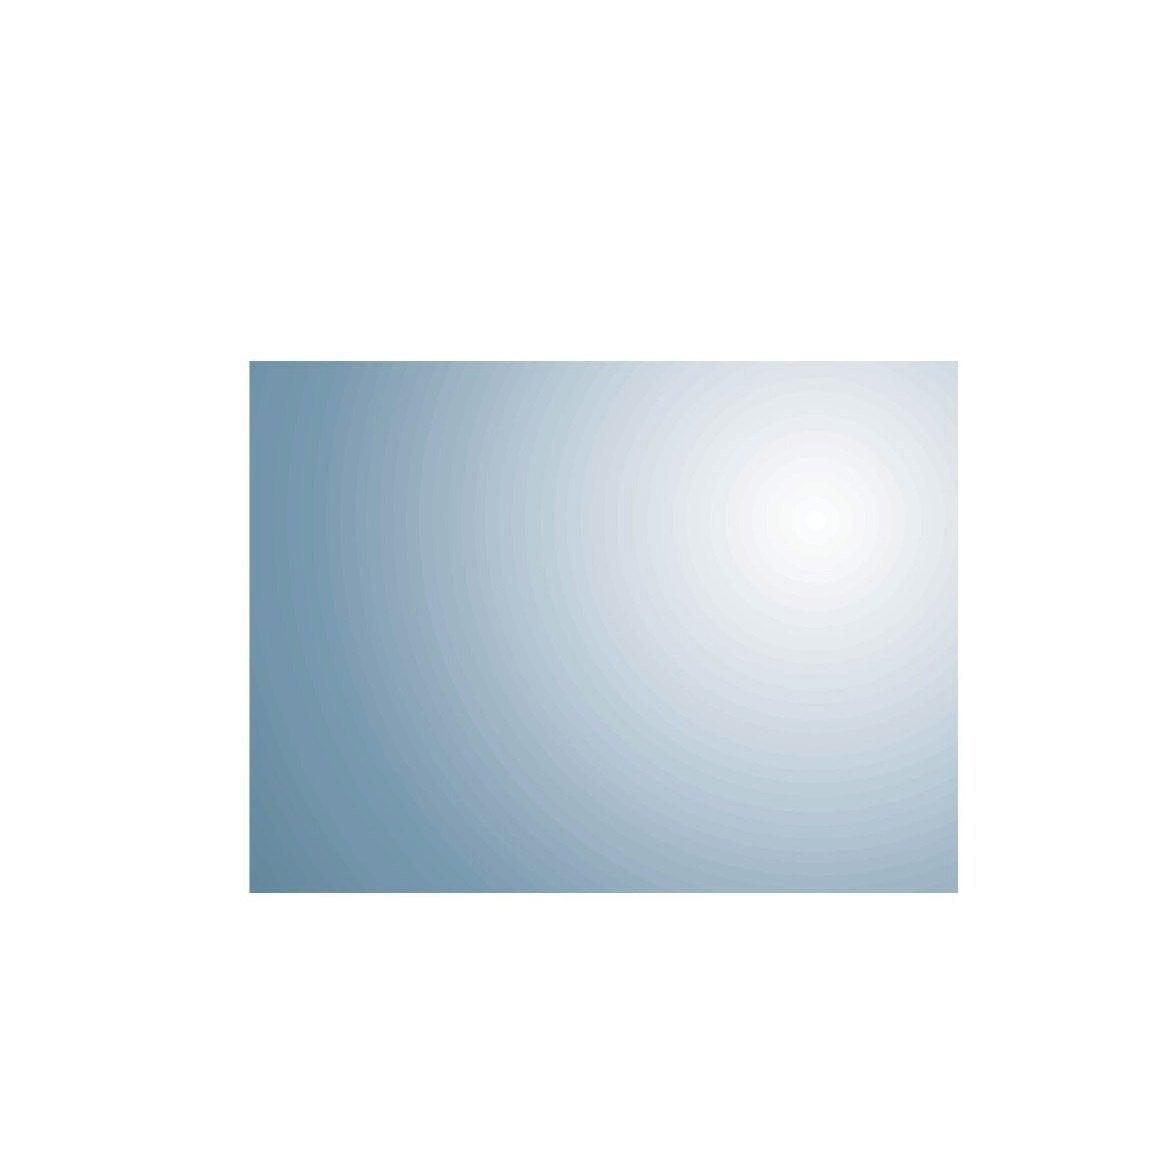 Miroir non lumineux d coup rectangulaire x cm for Miroir 140 x 60